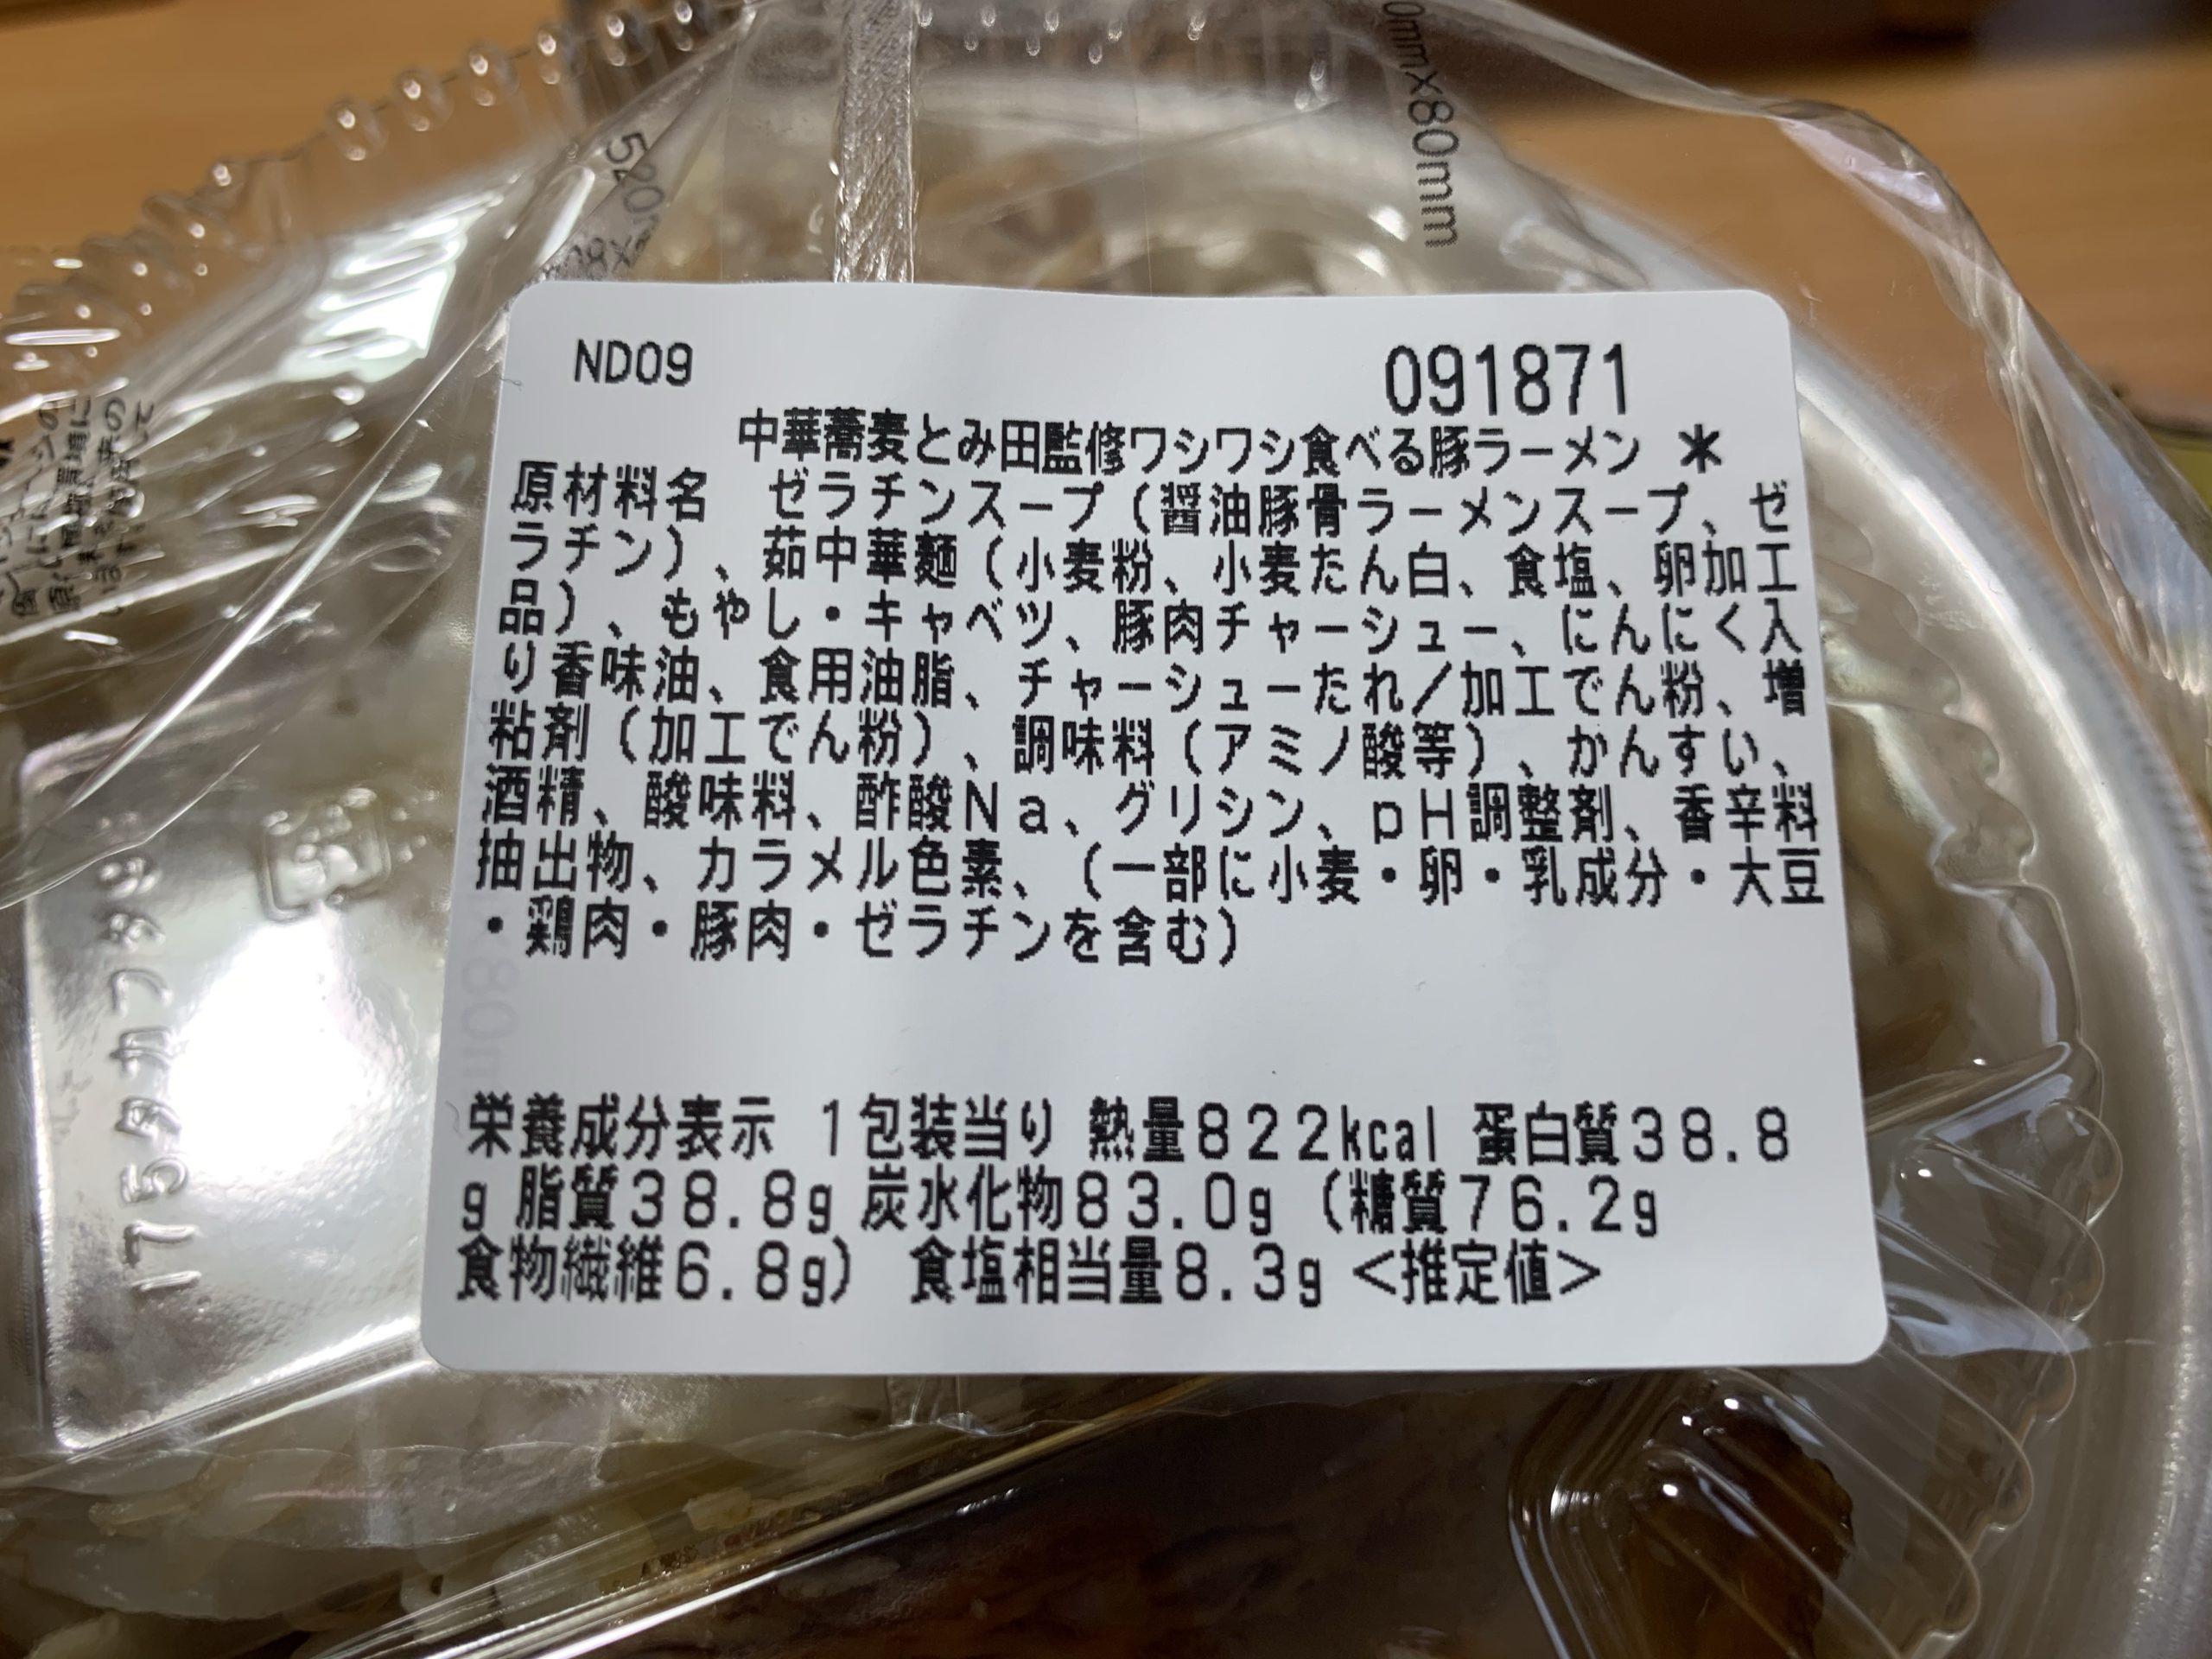 中華蕎麦とみ田豚ラーメンの原材料と栄養成分